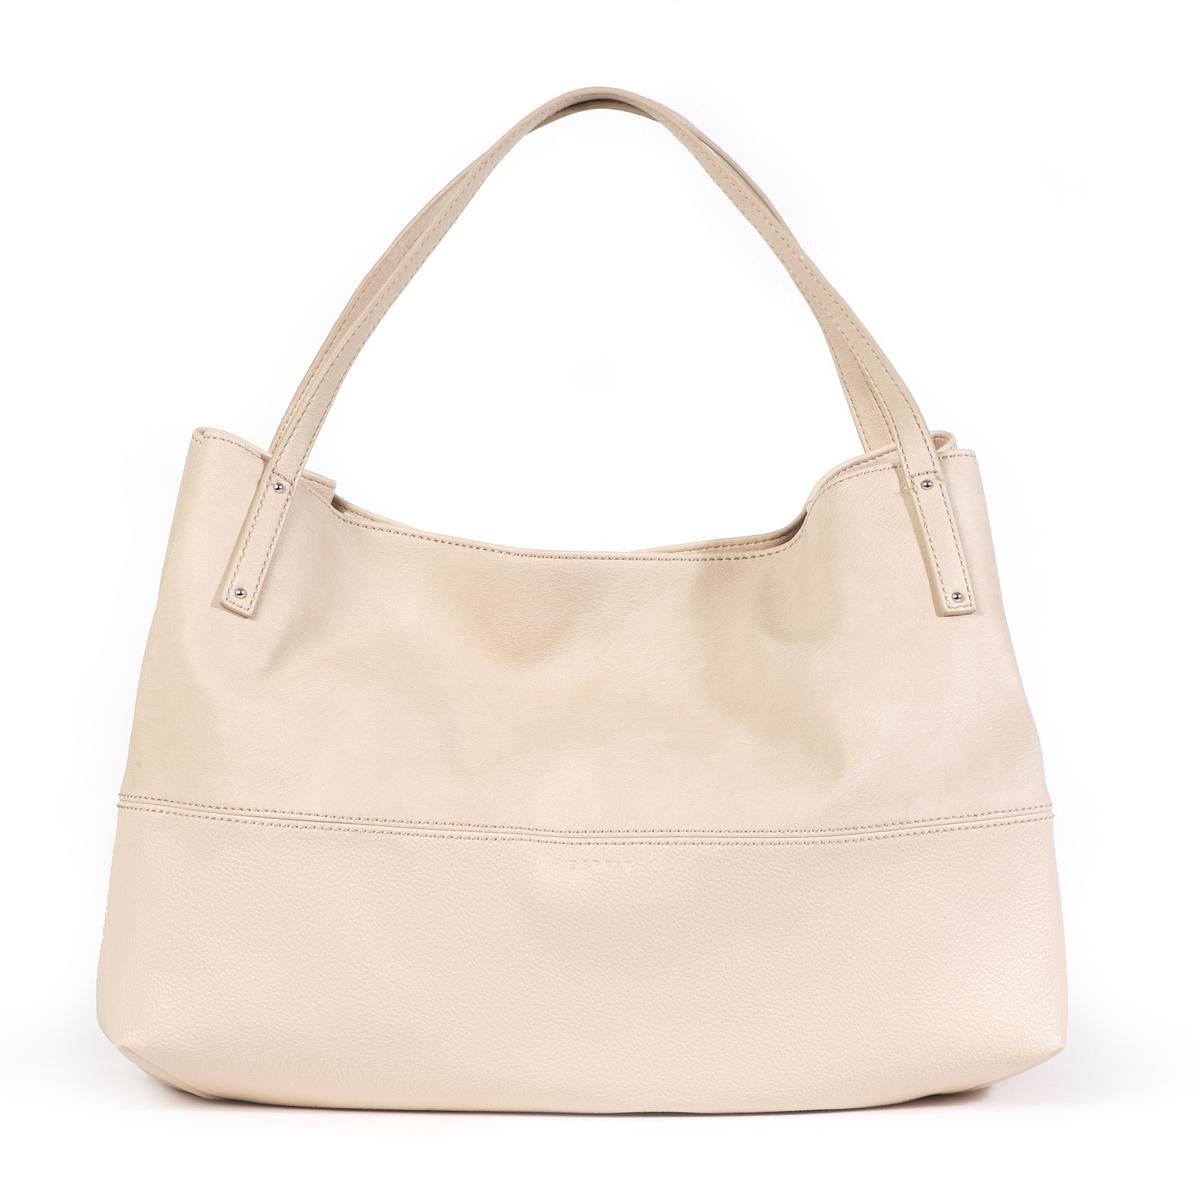 Сумка через плечо TracyОписание:Изящную сумку Esprit можно носить как в руках, так и на плече !Состав и описание : •  Материал : верх из полиуретана                        Подкладка из полиэстера. •  Марка : Esprit •  Модель : Tracy •  Размер : 28 x 40 x 18 см •  Застежка : на клипсу1 внутренний карман Можно носить через плечо<br><br>Цвет: бежевый,черный